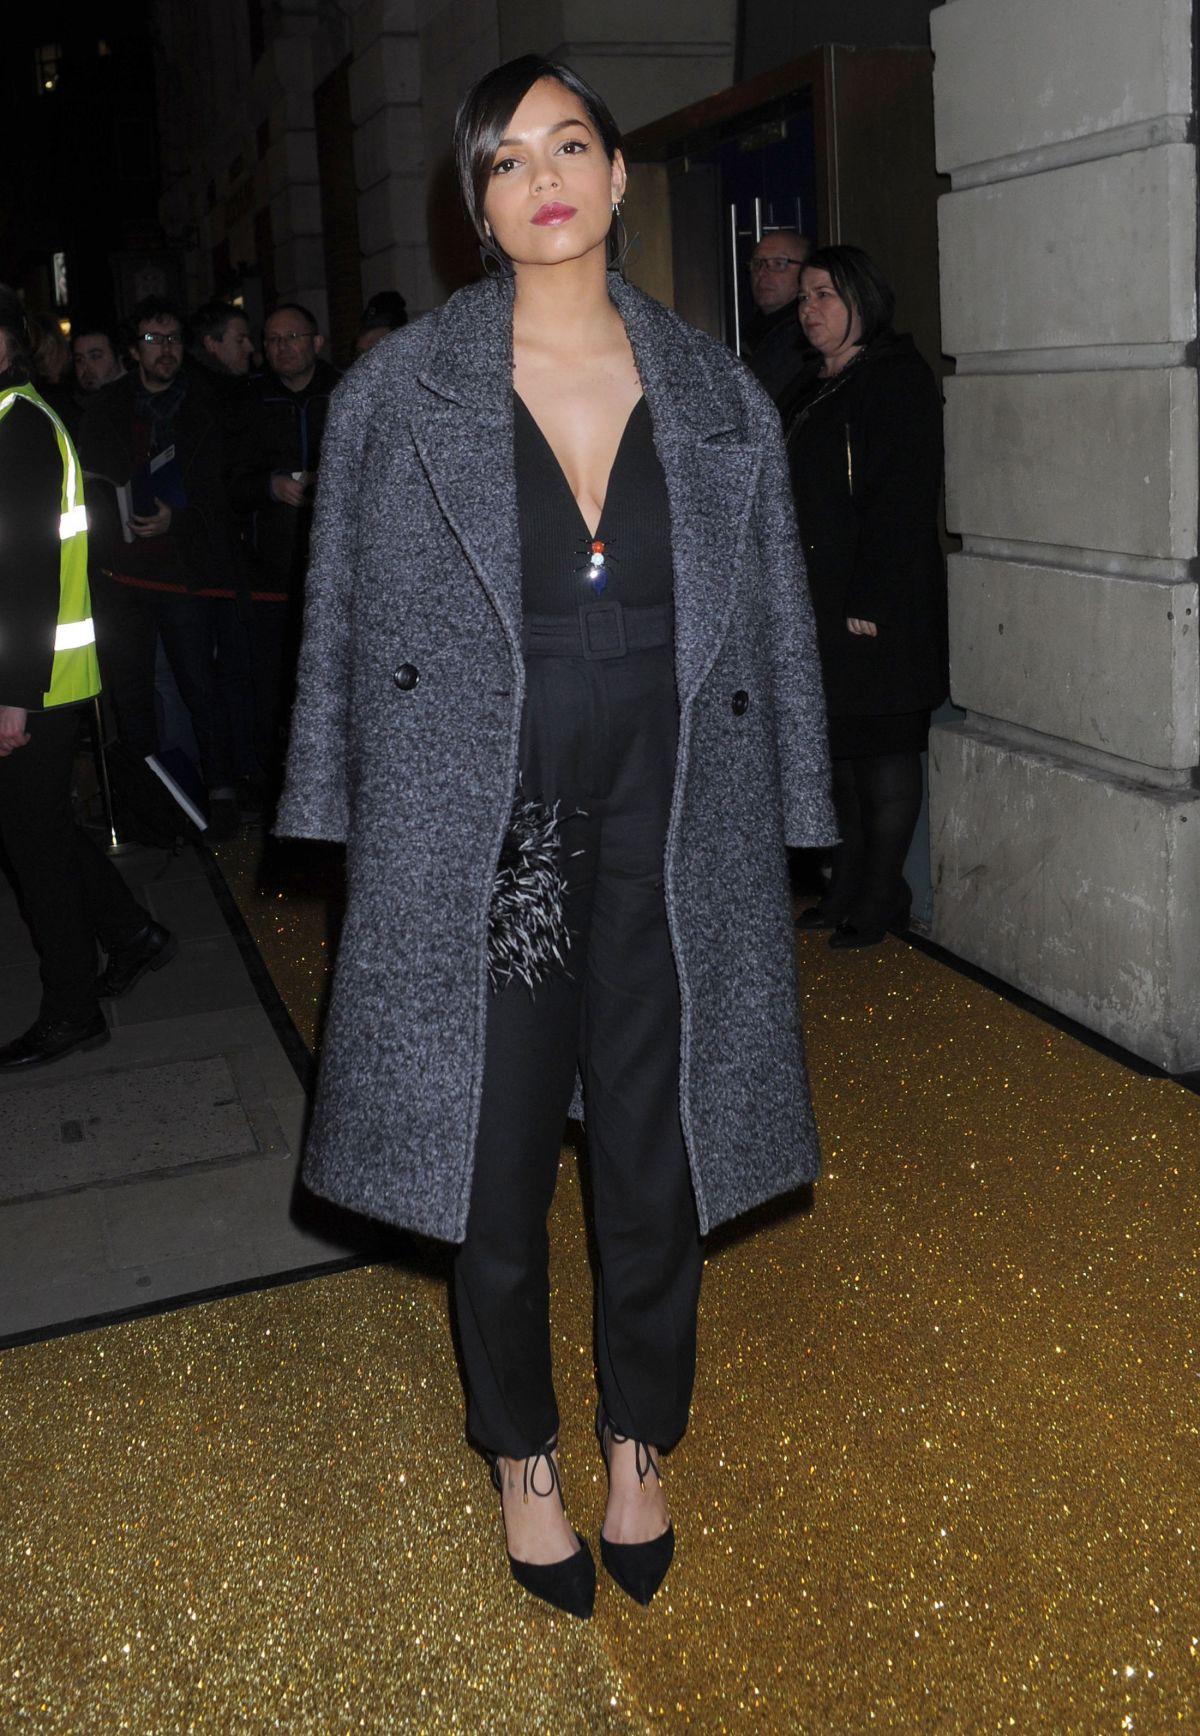 GEORGINA CAMPBELL Arrives at bafta Film Gala Dinner in London 02/11/2016